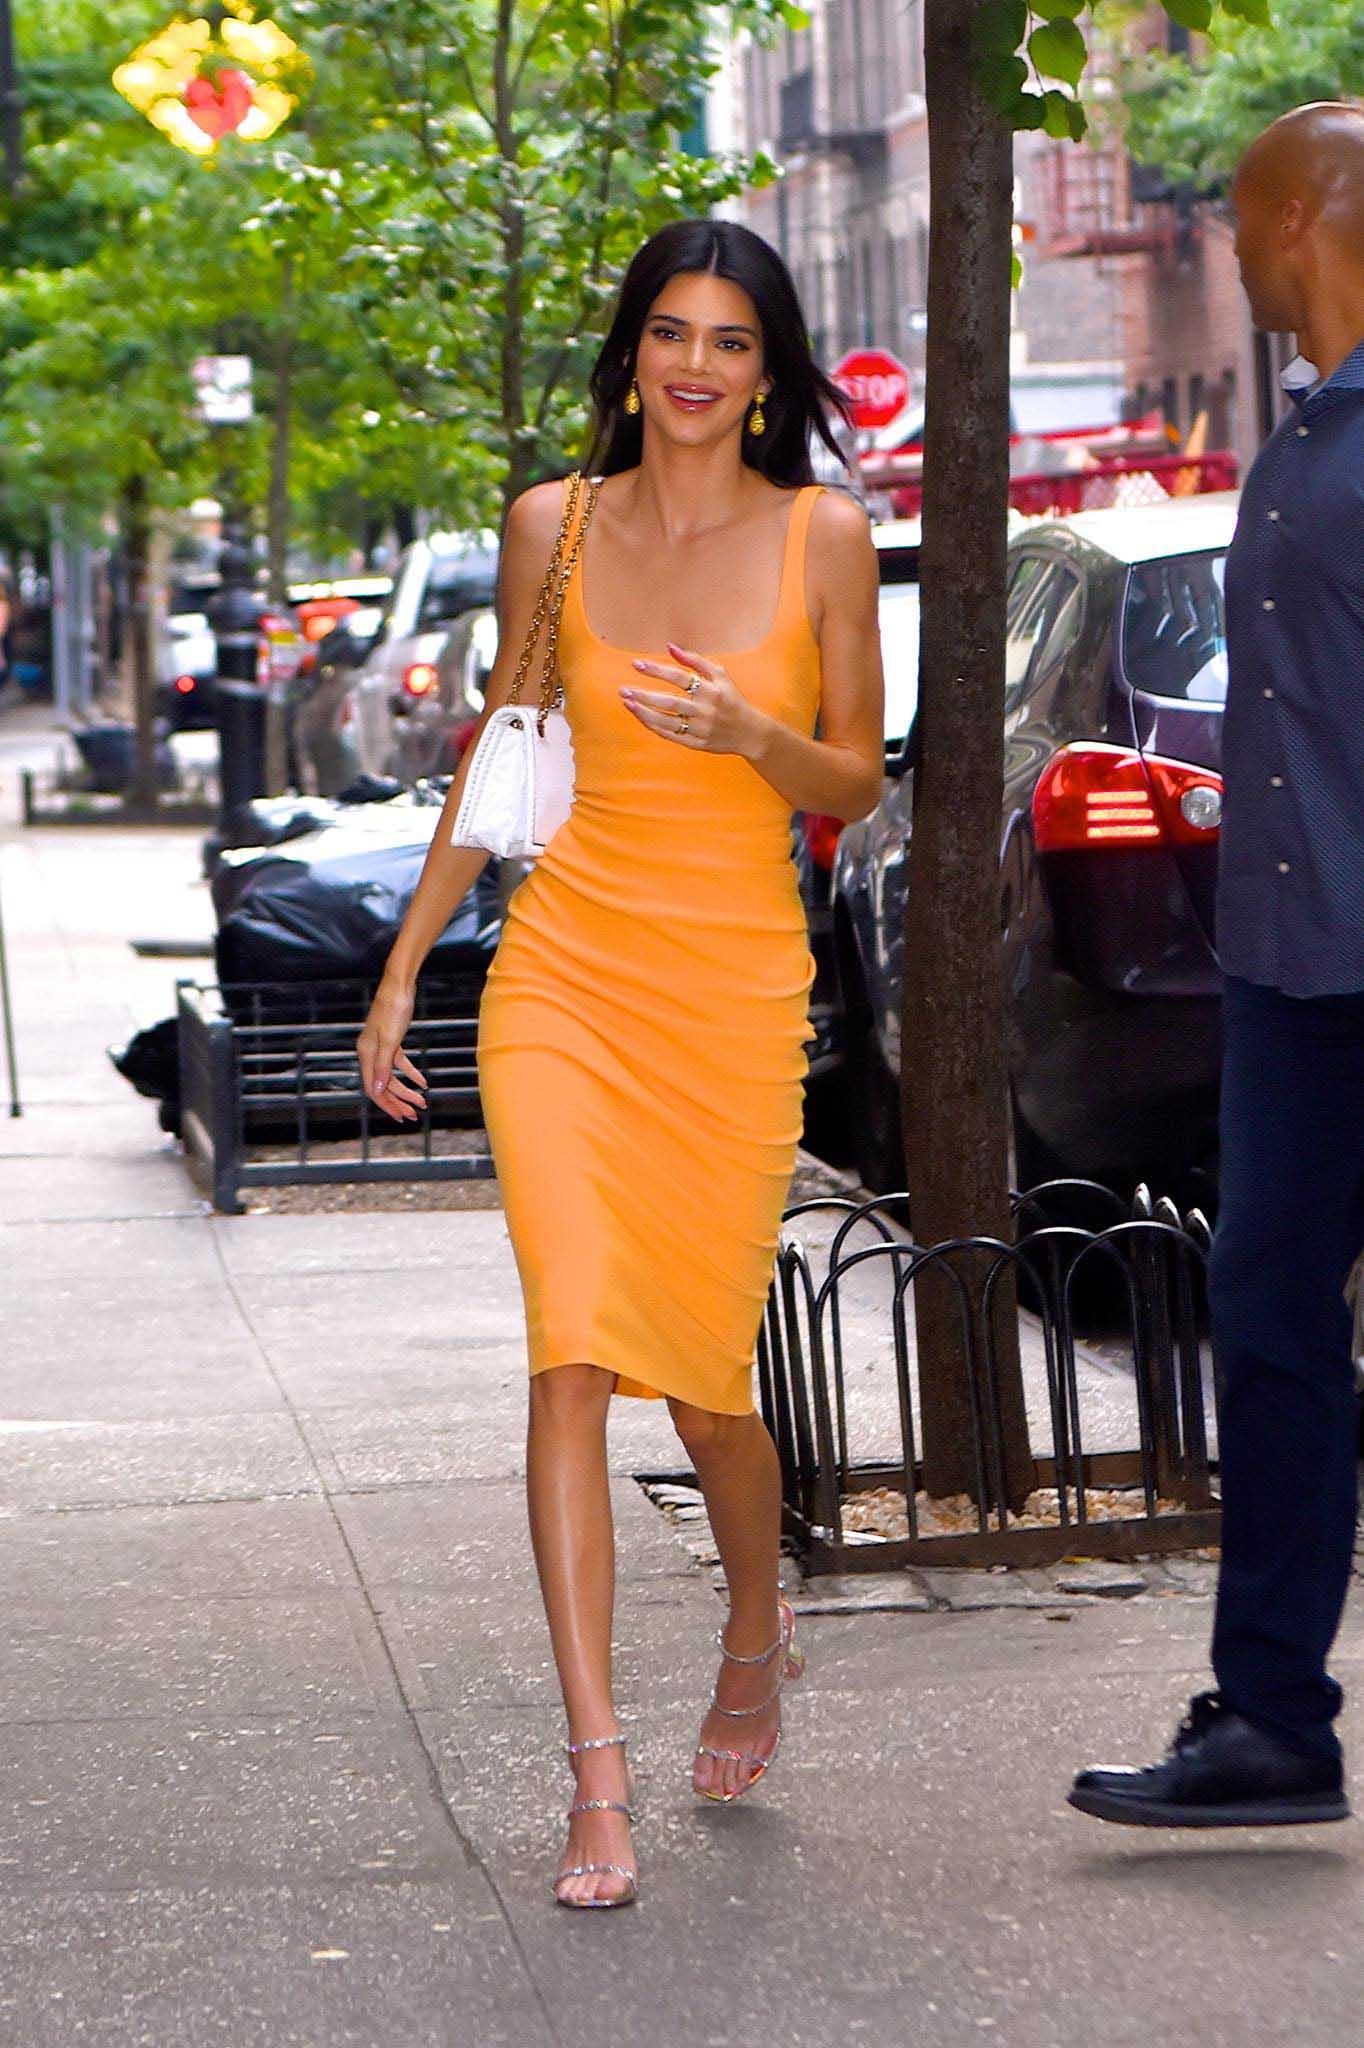 Kém duyên như chiếc váy hằn nội y khiến người xung quanh phải ngại ngùng thay - 5